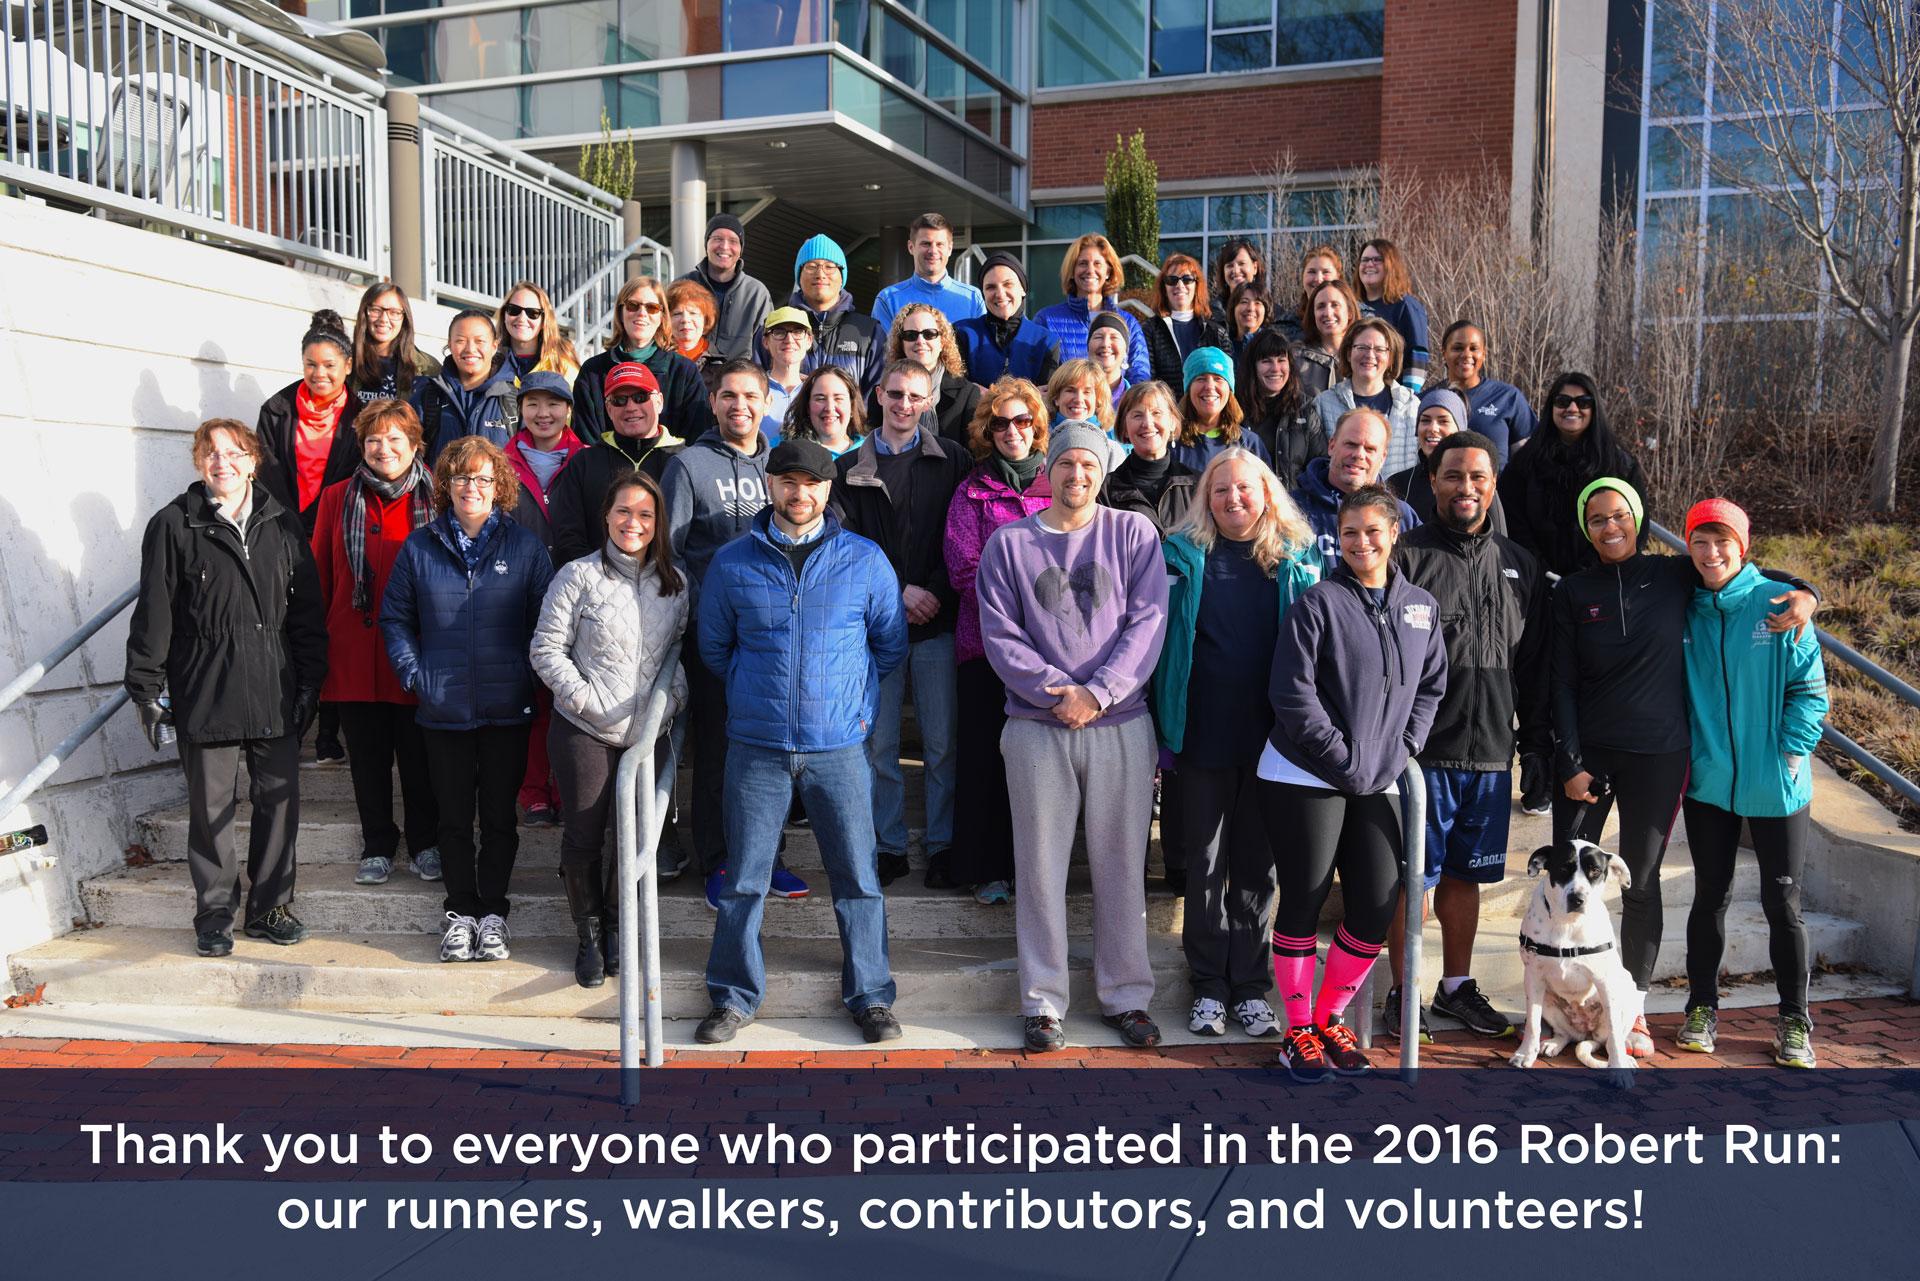 Photo of 2016 Robert Run participants